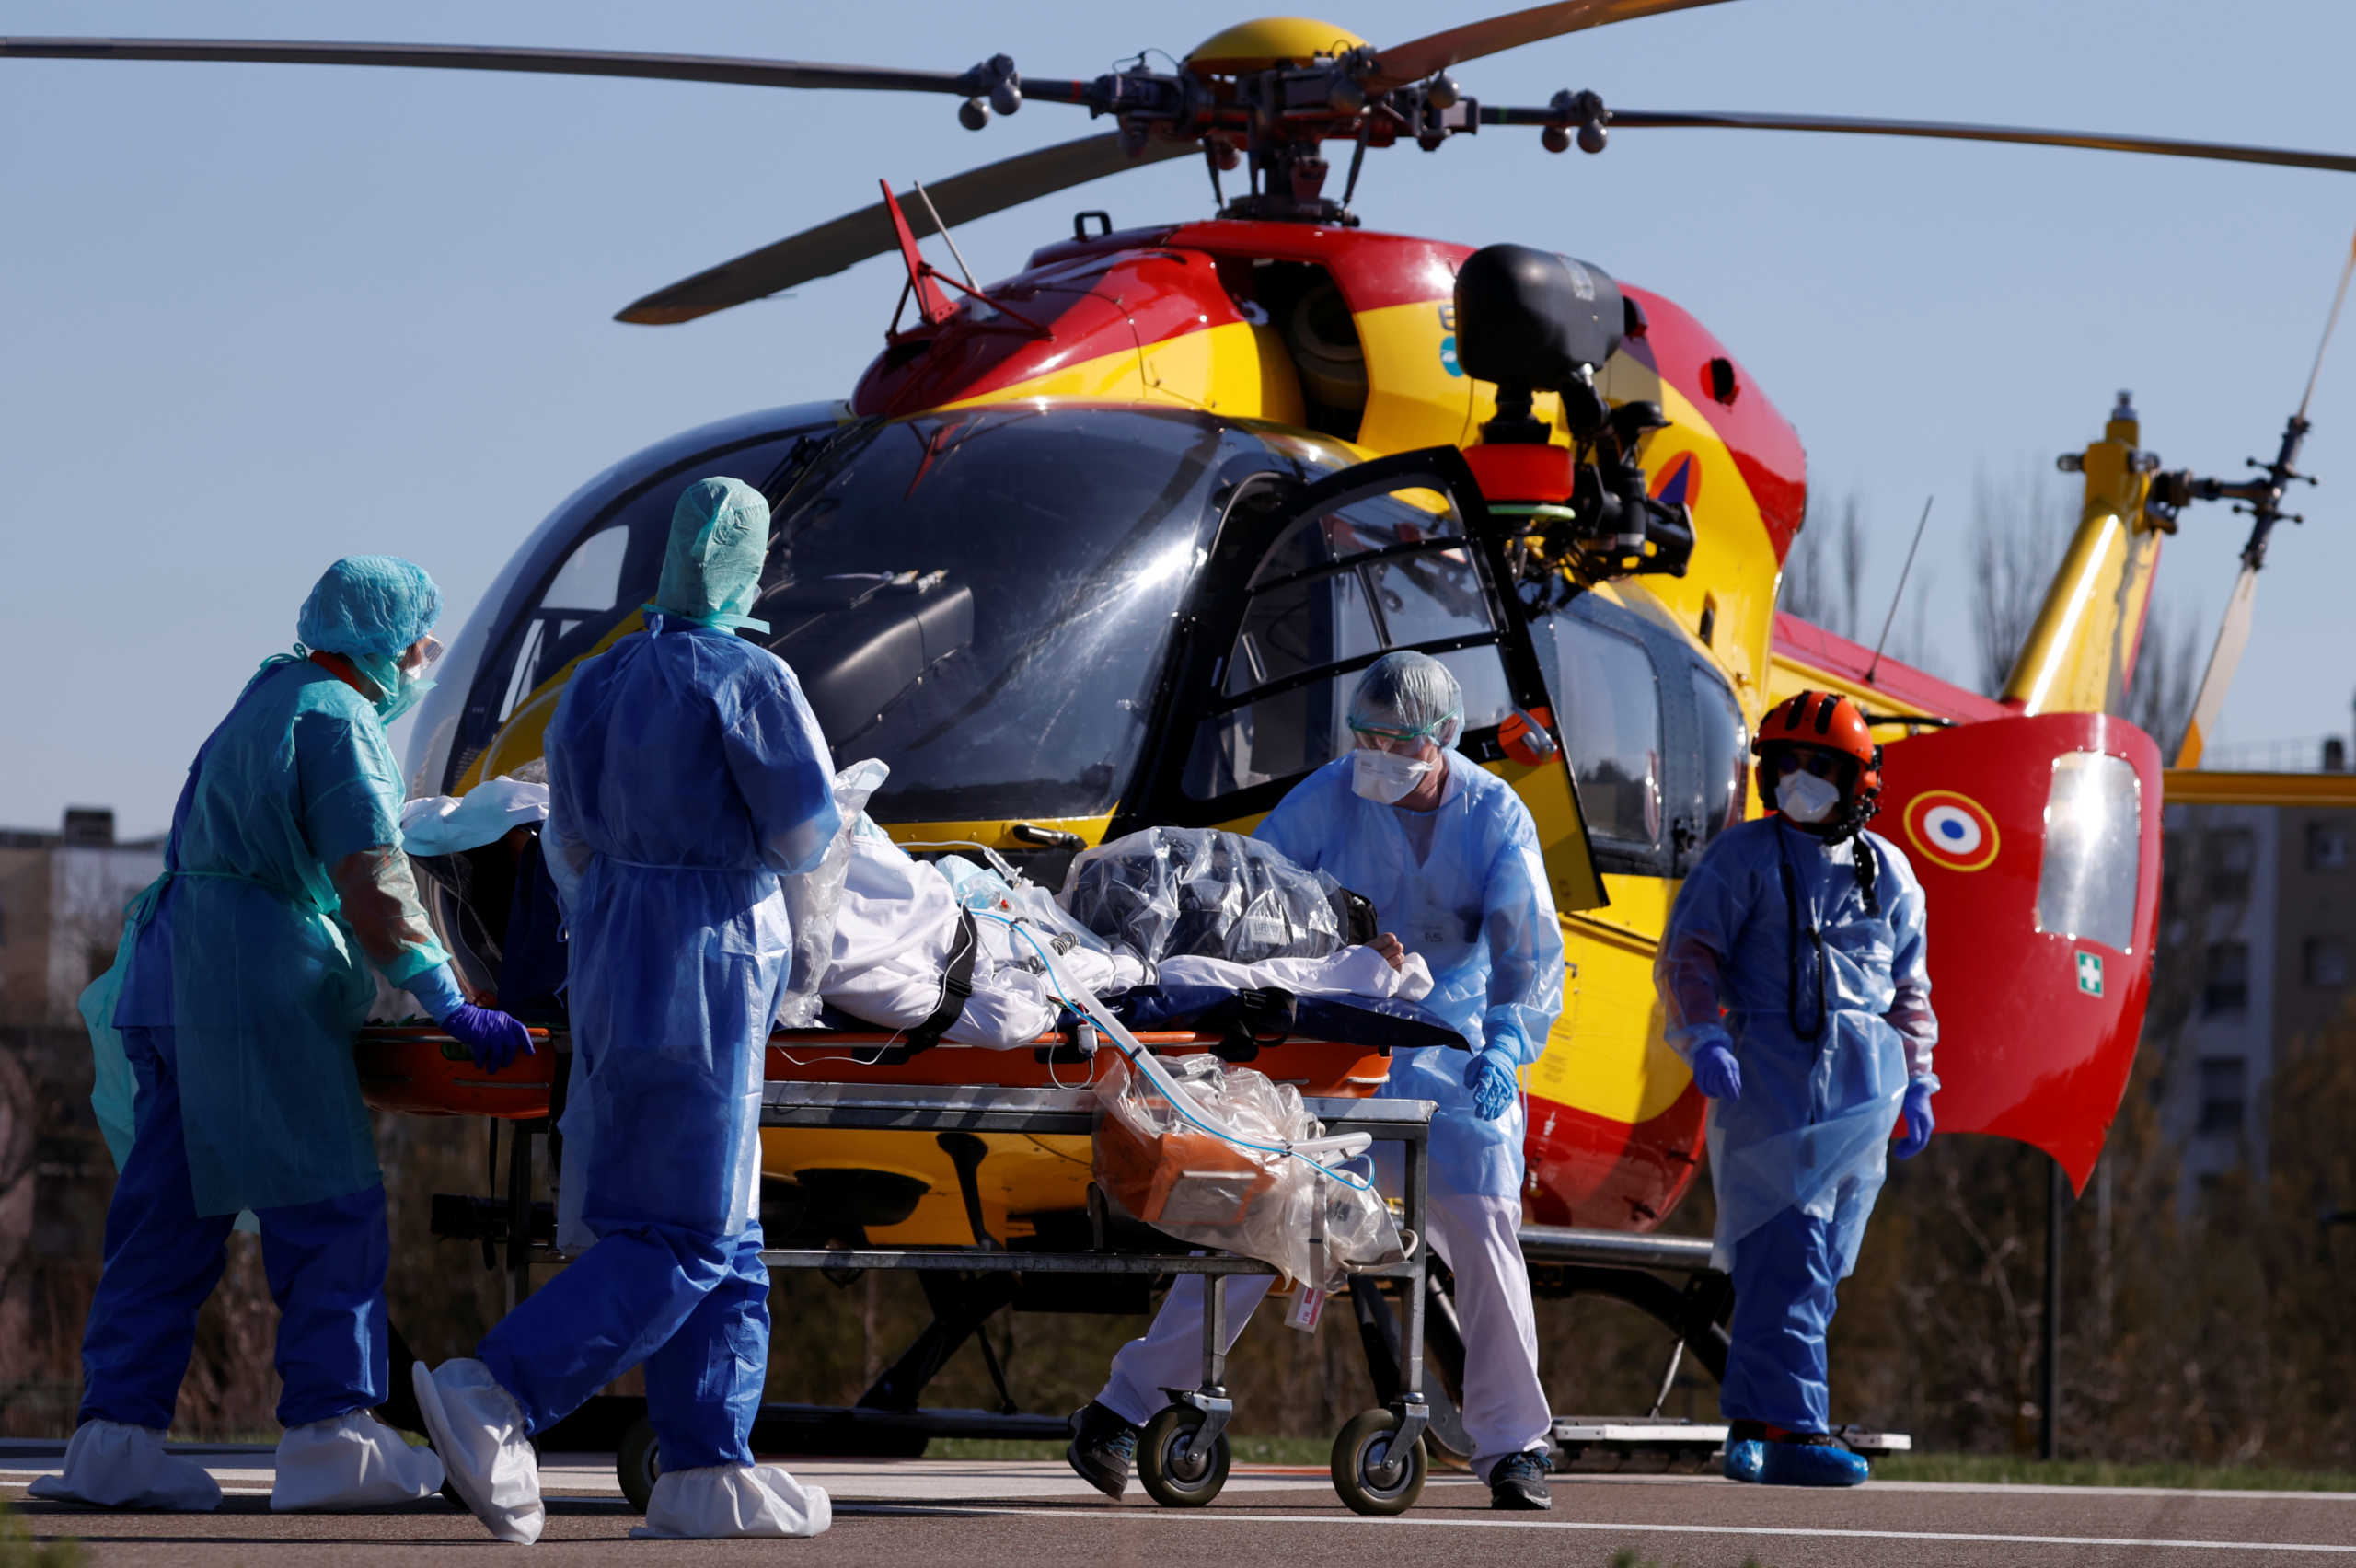 Αεροδιακομιδή ασθενών με κορονοϊό για αποσυμφόρηση του νοσοκομείου στη Μιλούζ της Γαλλίας